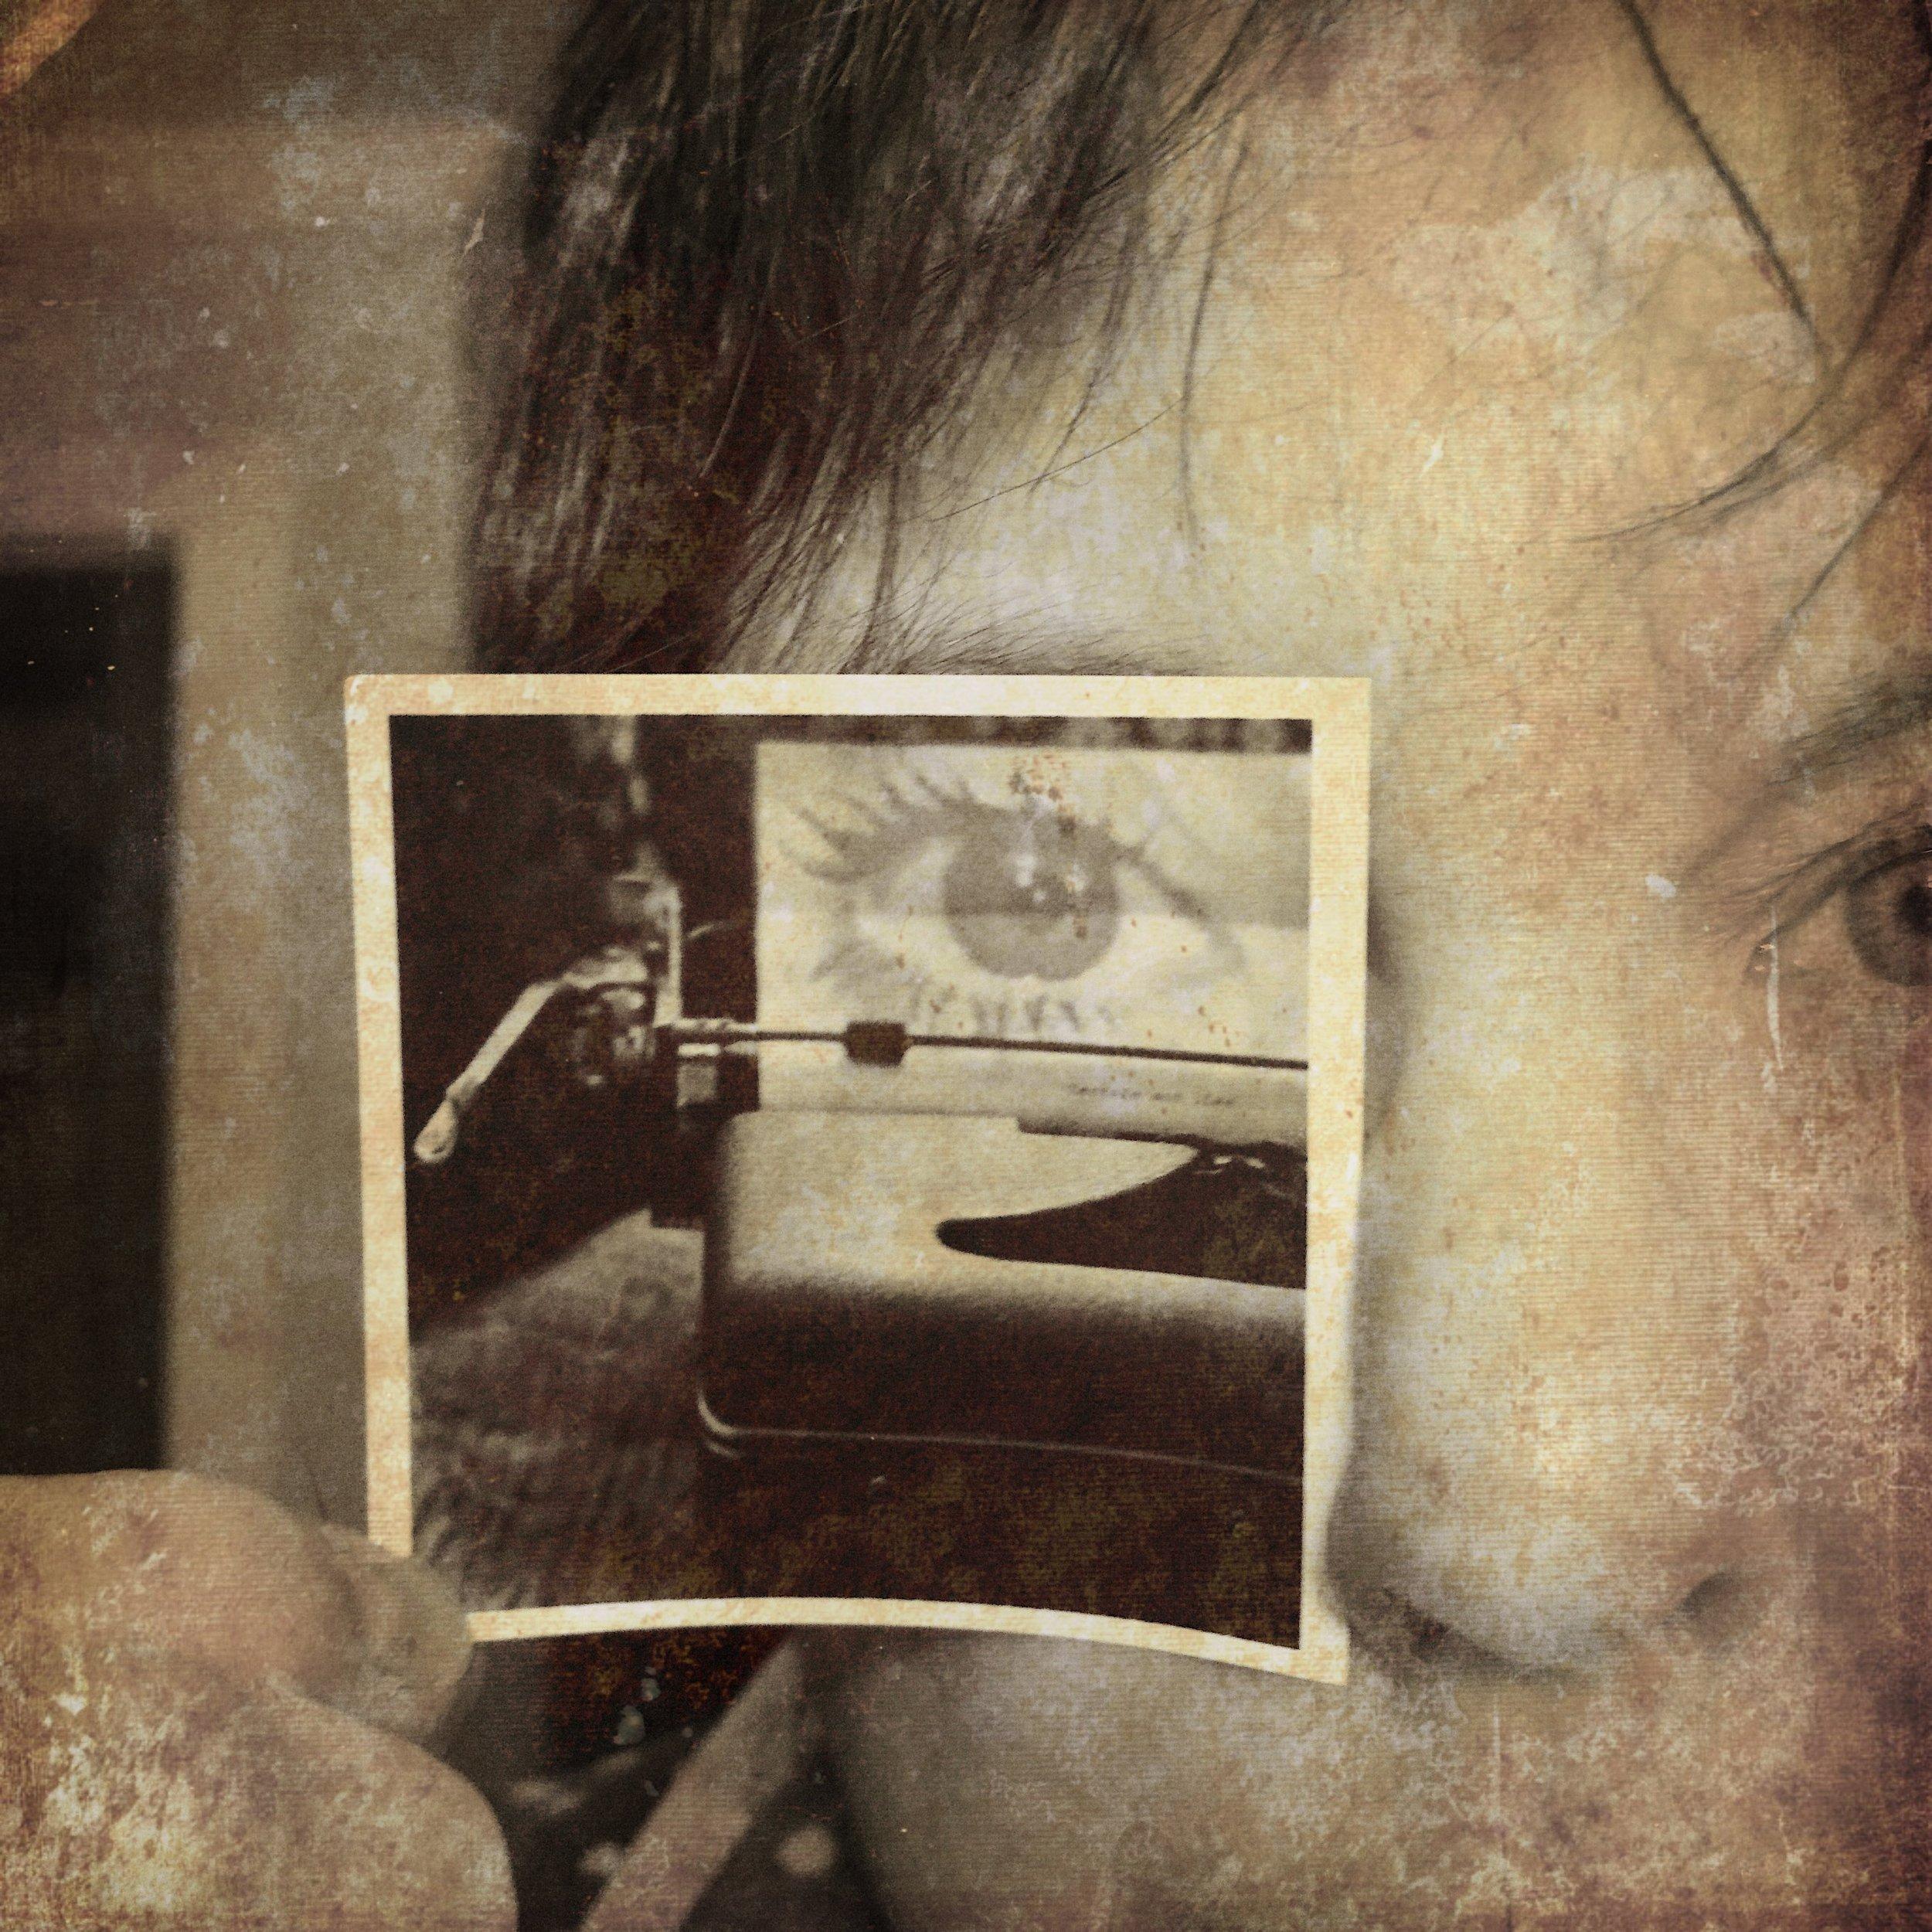 2Secrets_lies5_0106.JPG